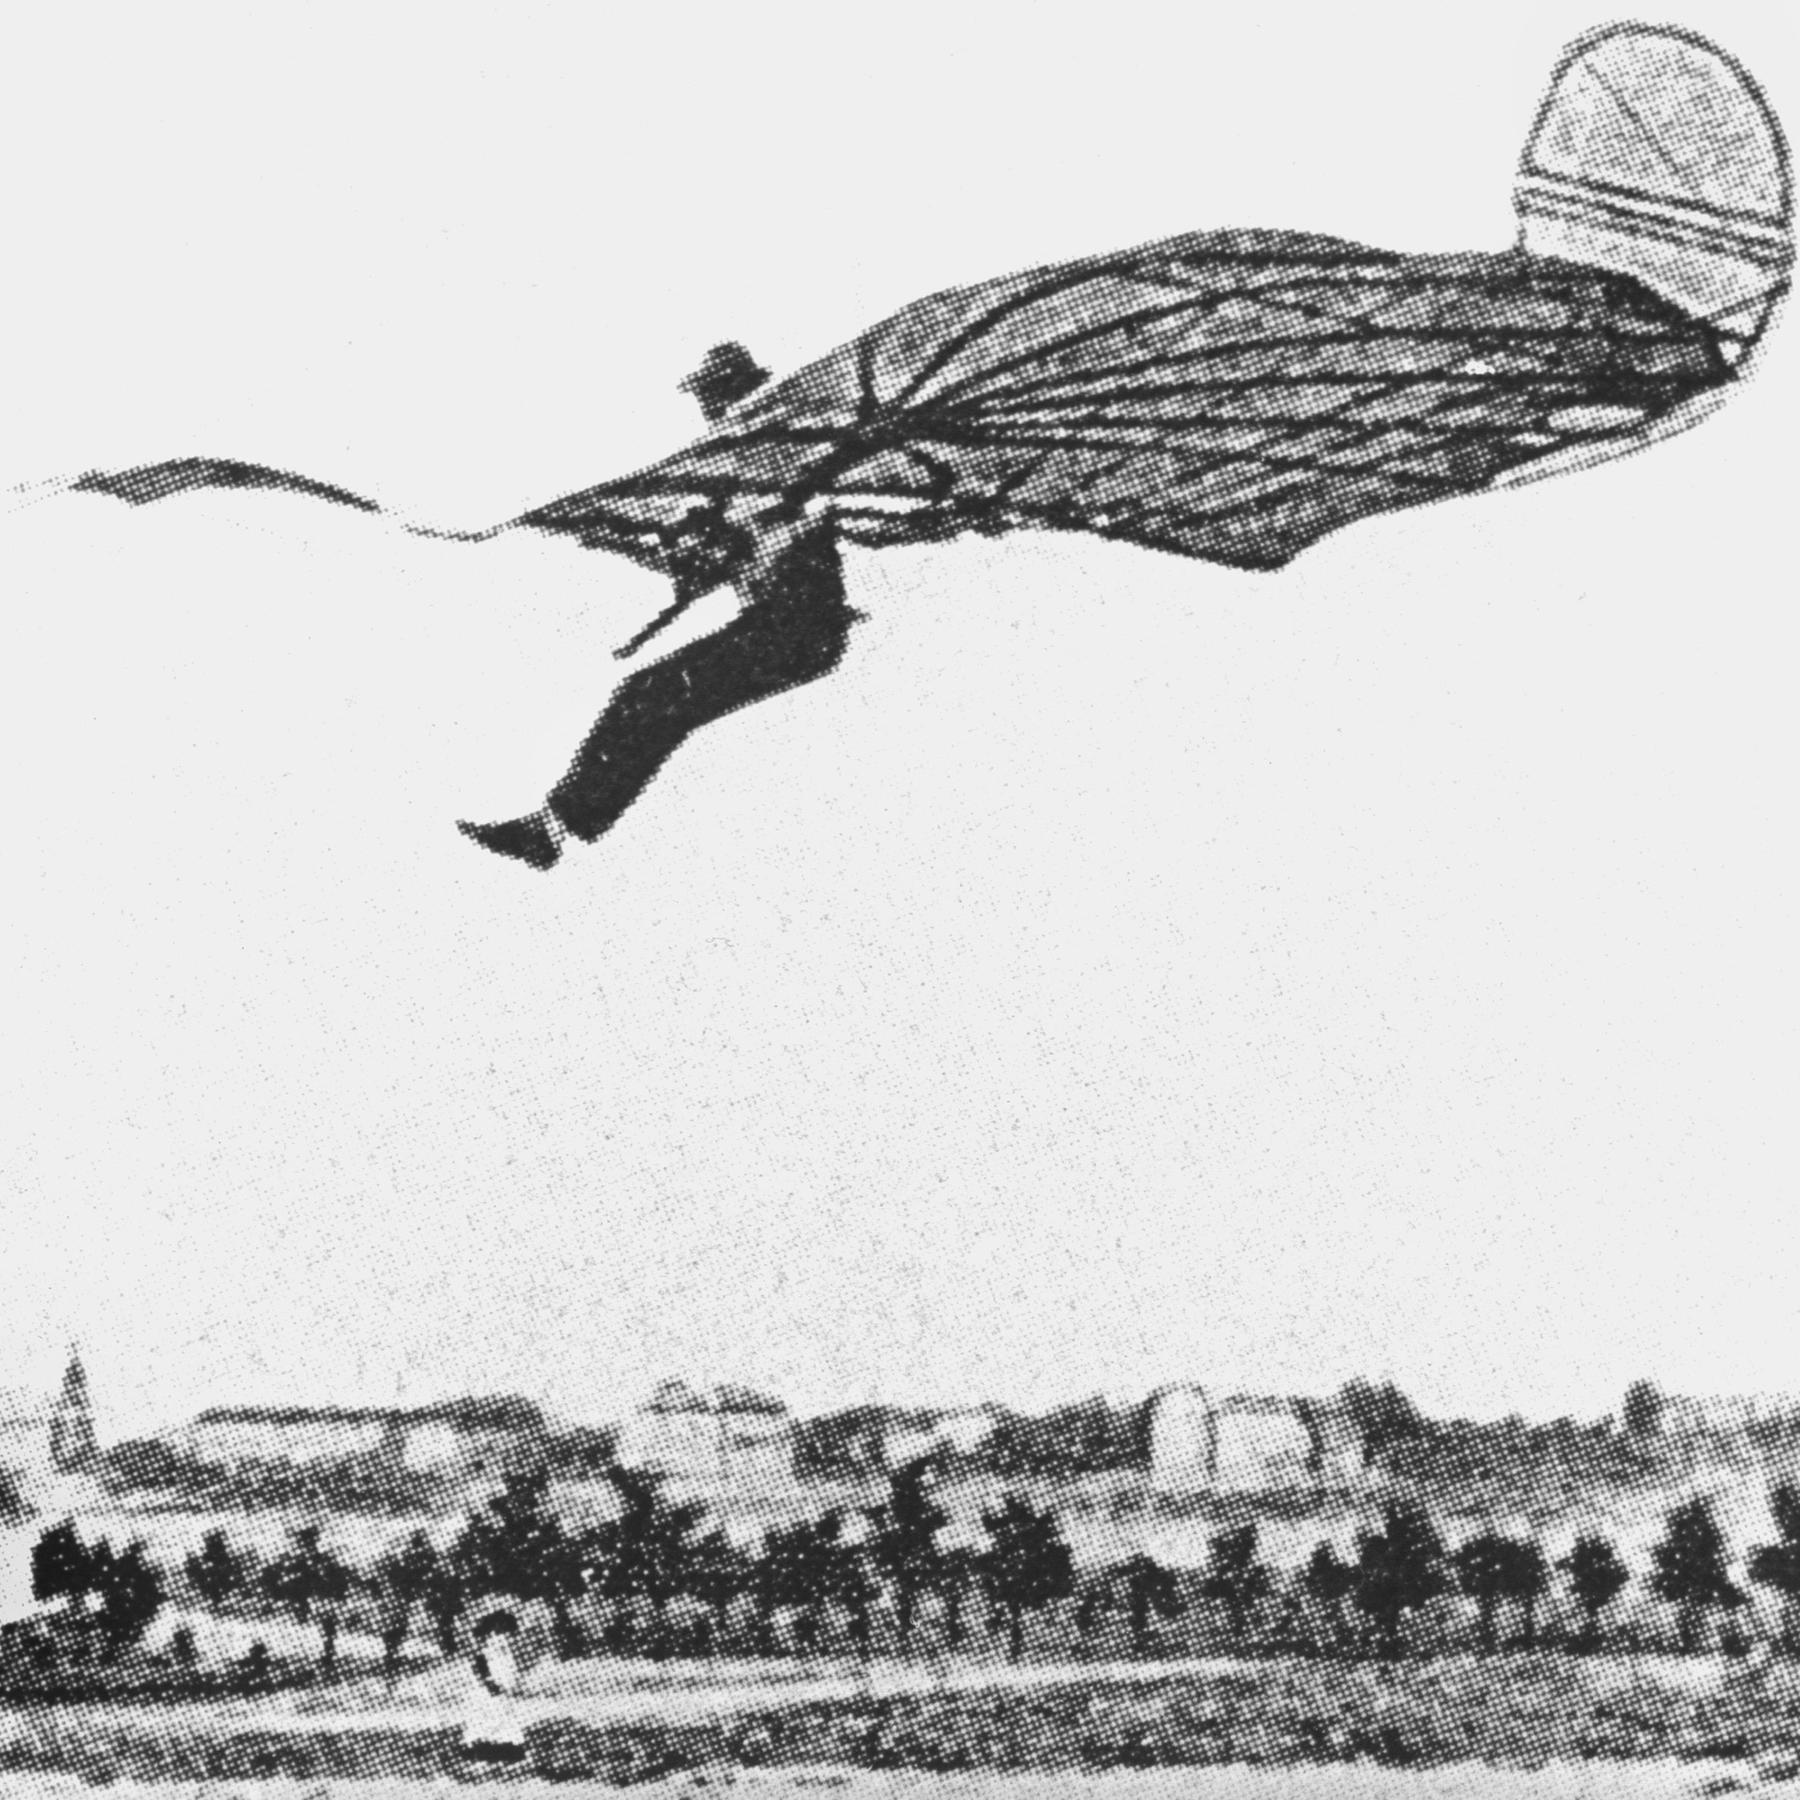 Otto Lilienthal - Die Eroberung der Luft